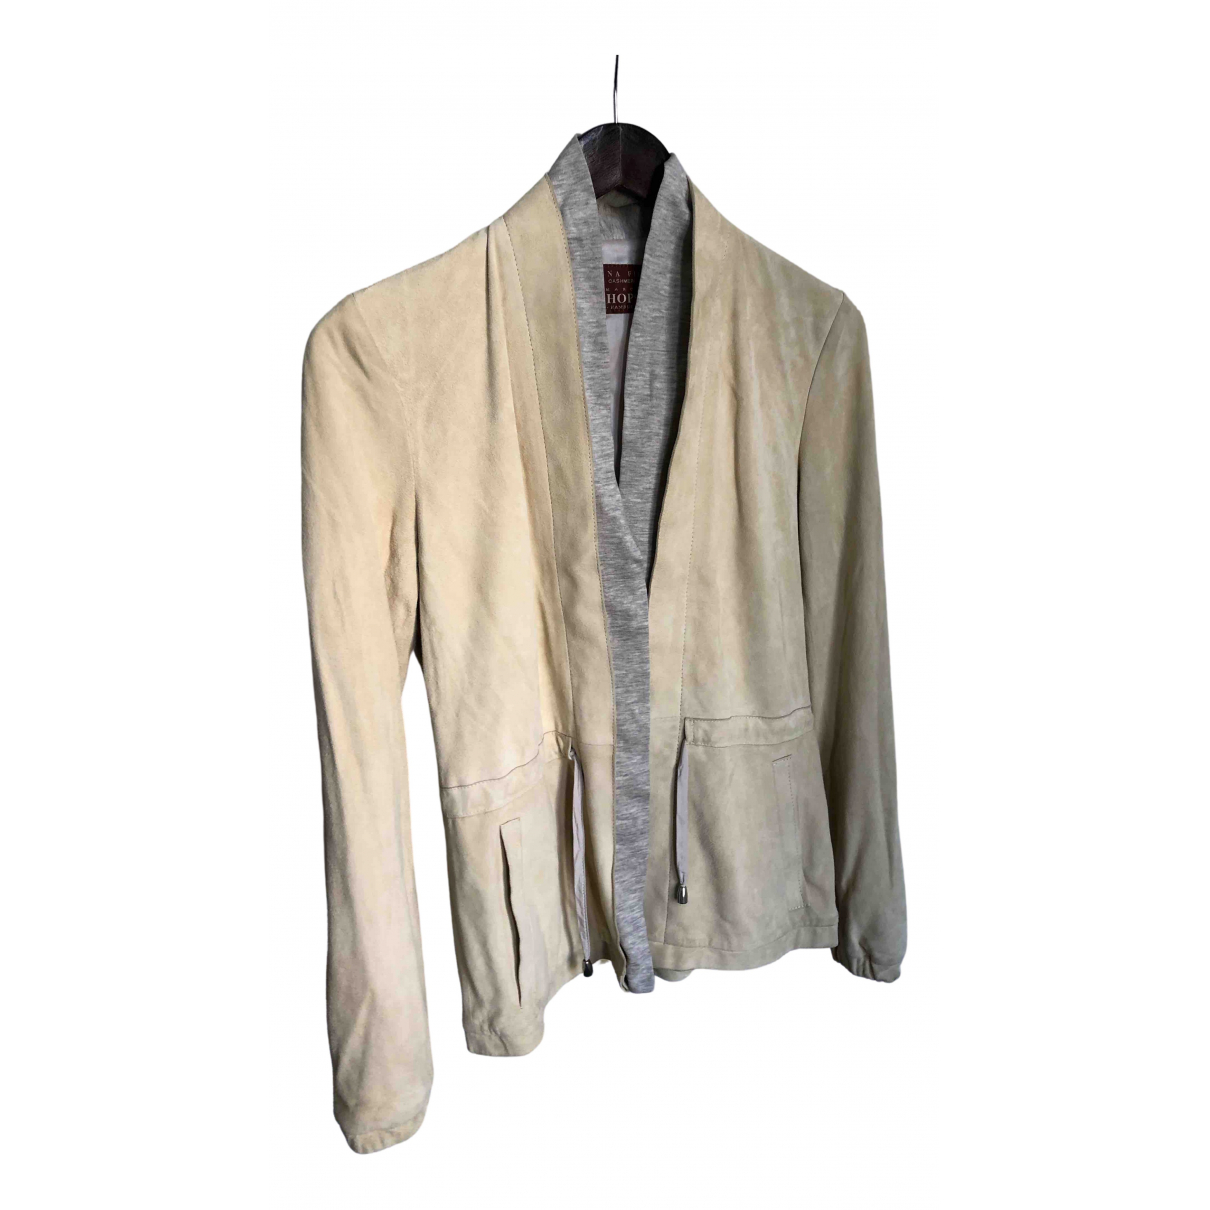 Fabiana Filippi \N White Leather jacket for Women 38 IT